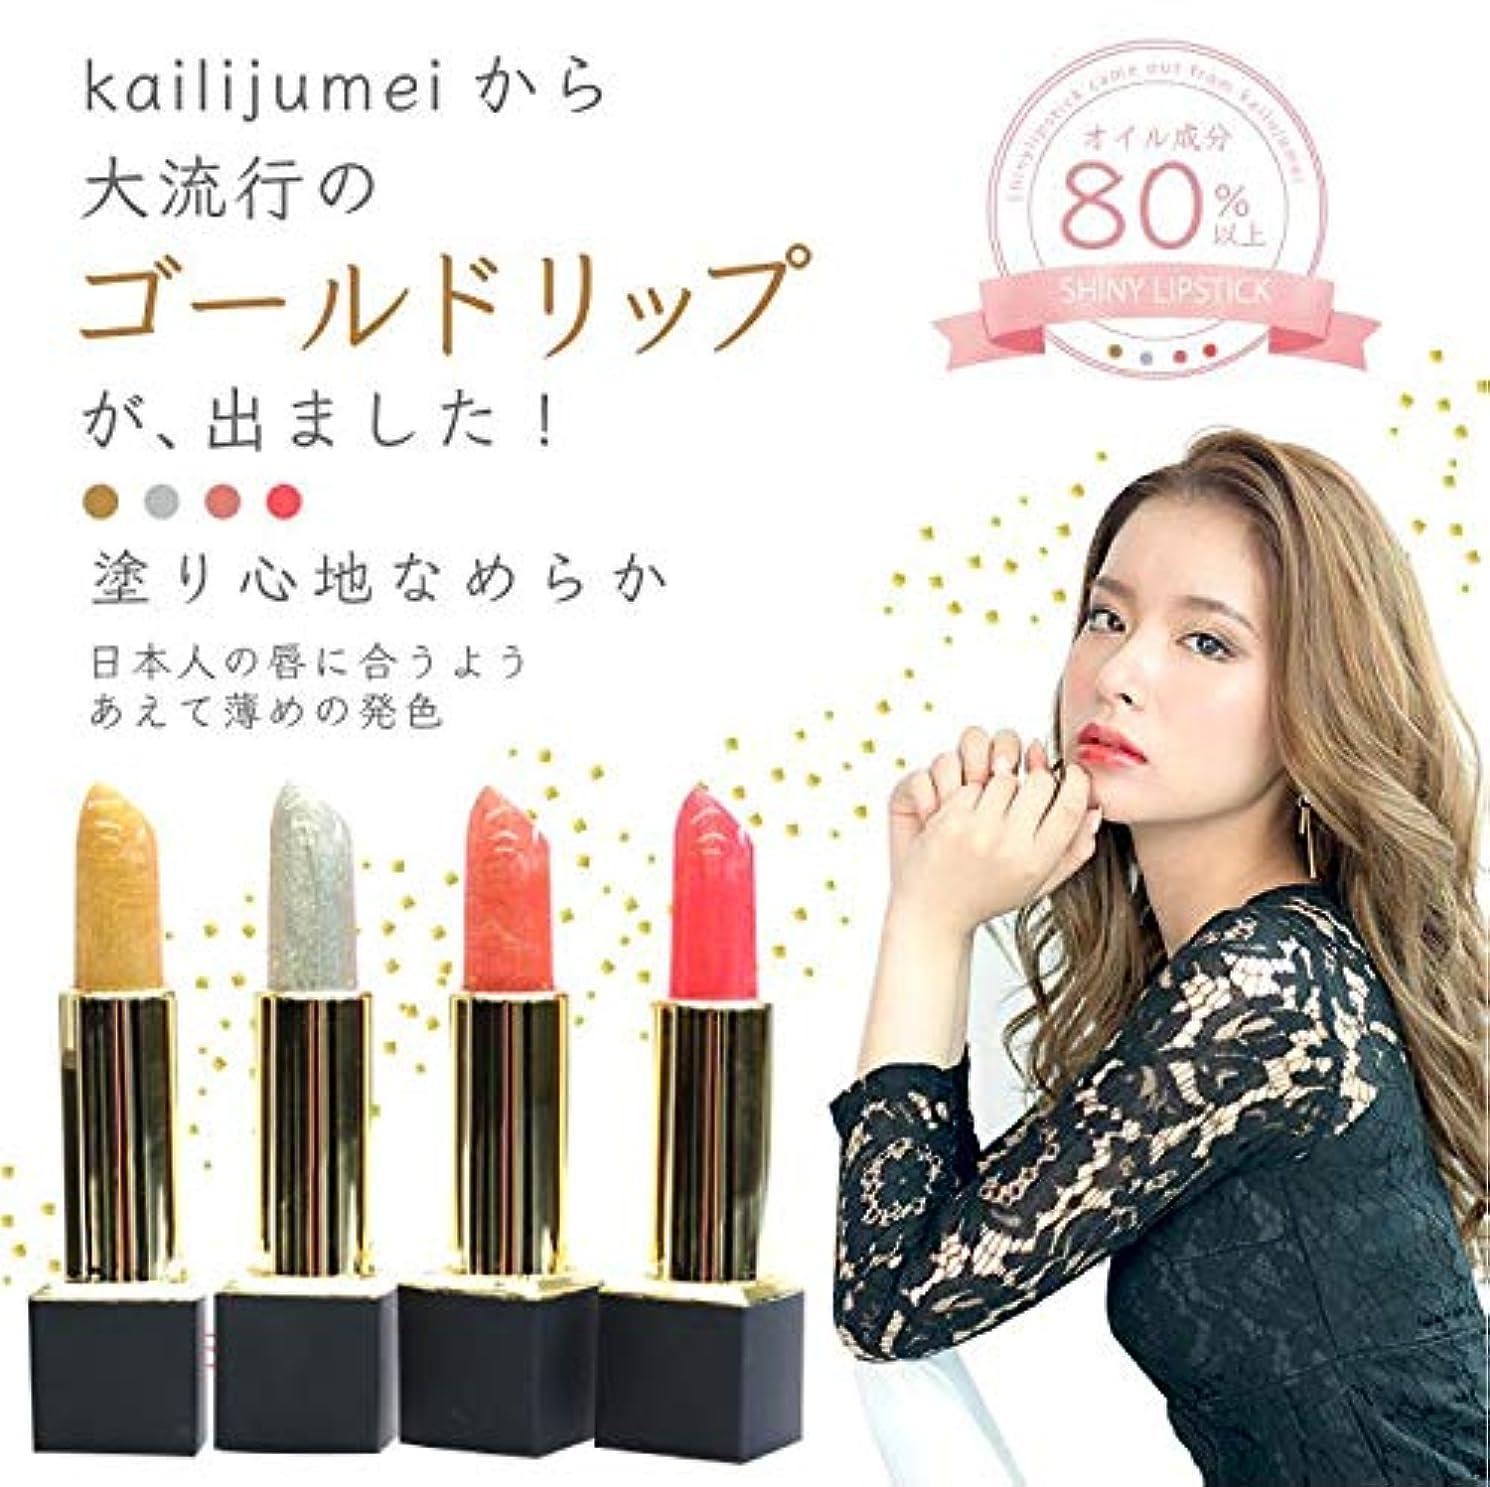 チップ台風幻想Kailijumei シャイニーリップ ひと塗りでゴージャスな唇へ ゴールドリップ 口紅 (ヌーディオレンジ)